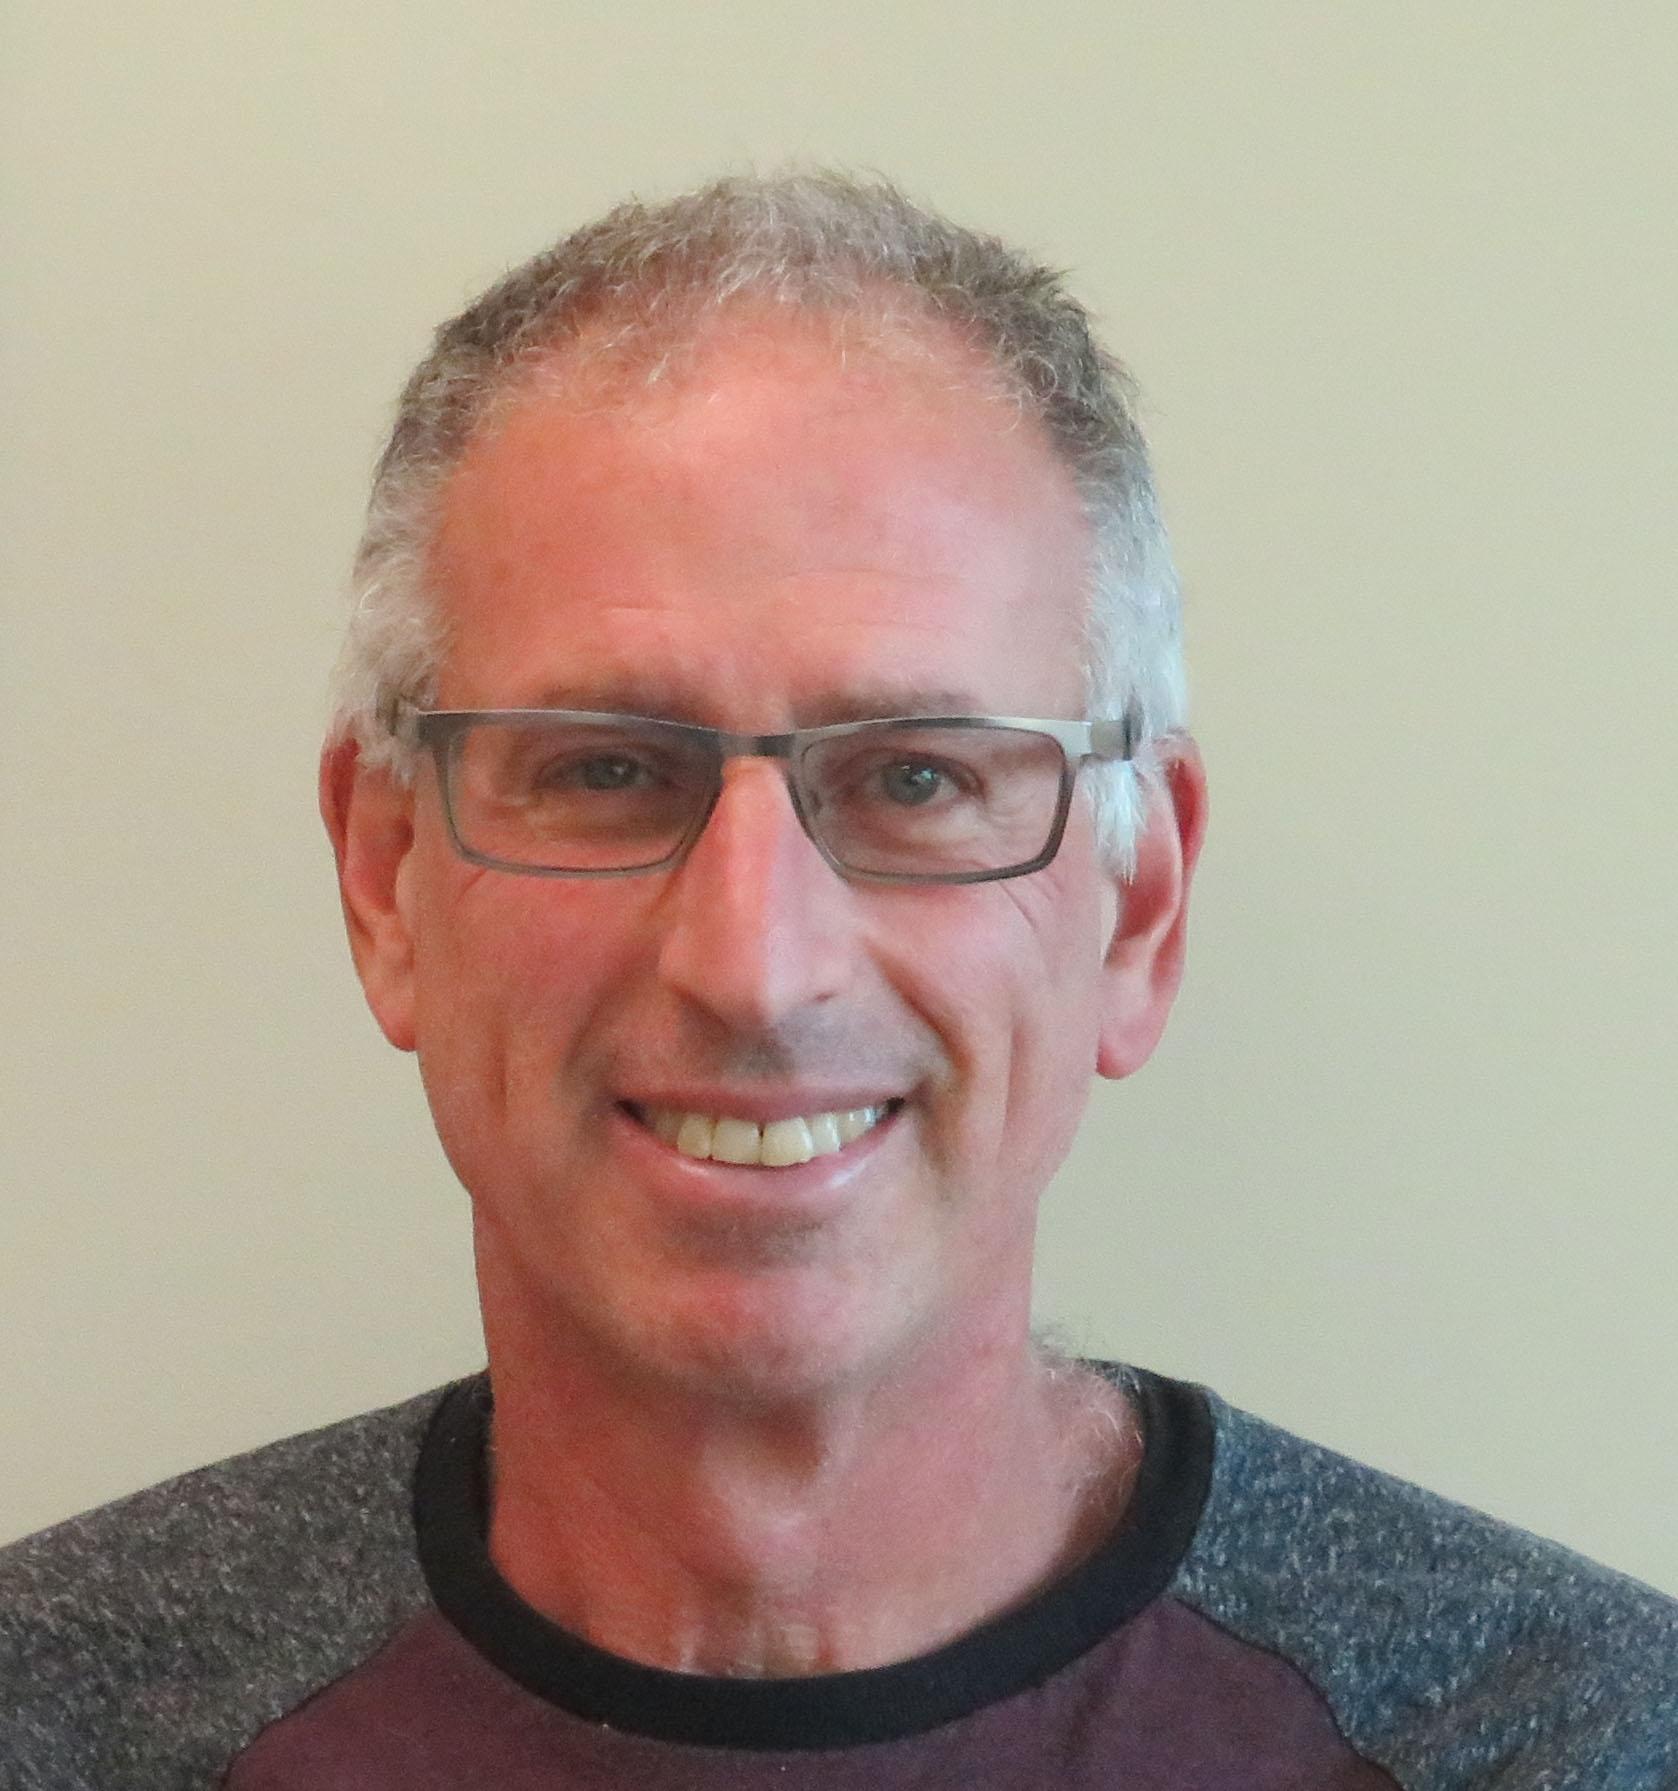 Mitch Bloom, Director